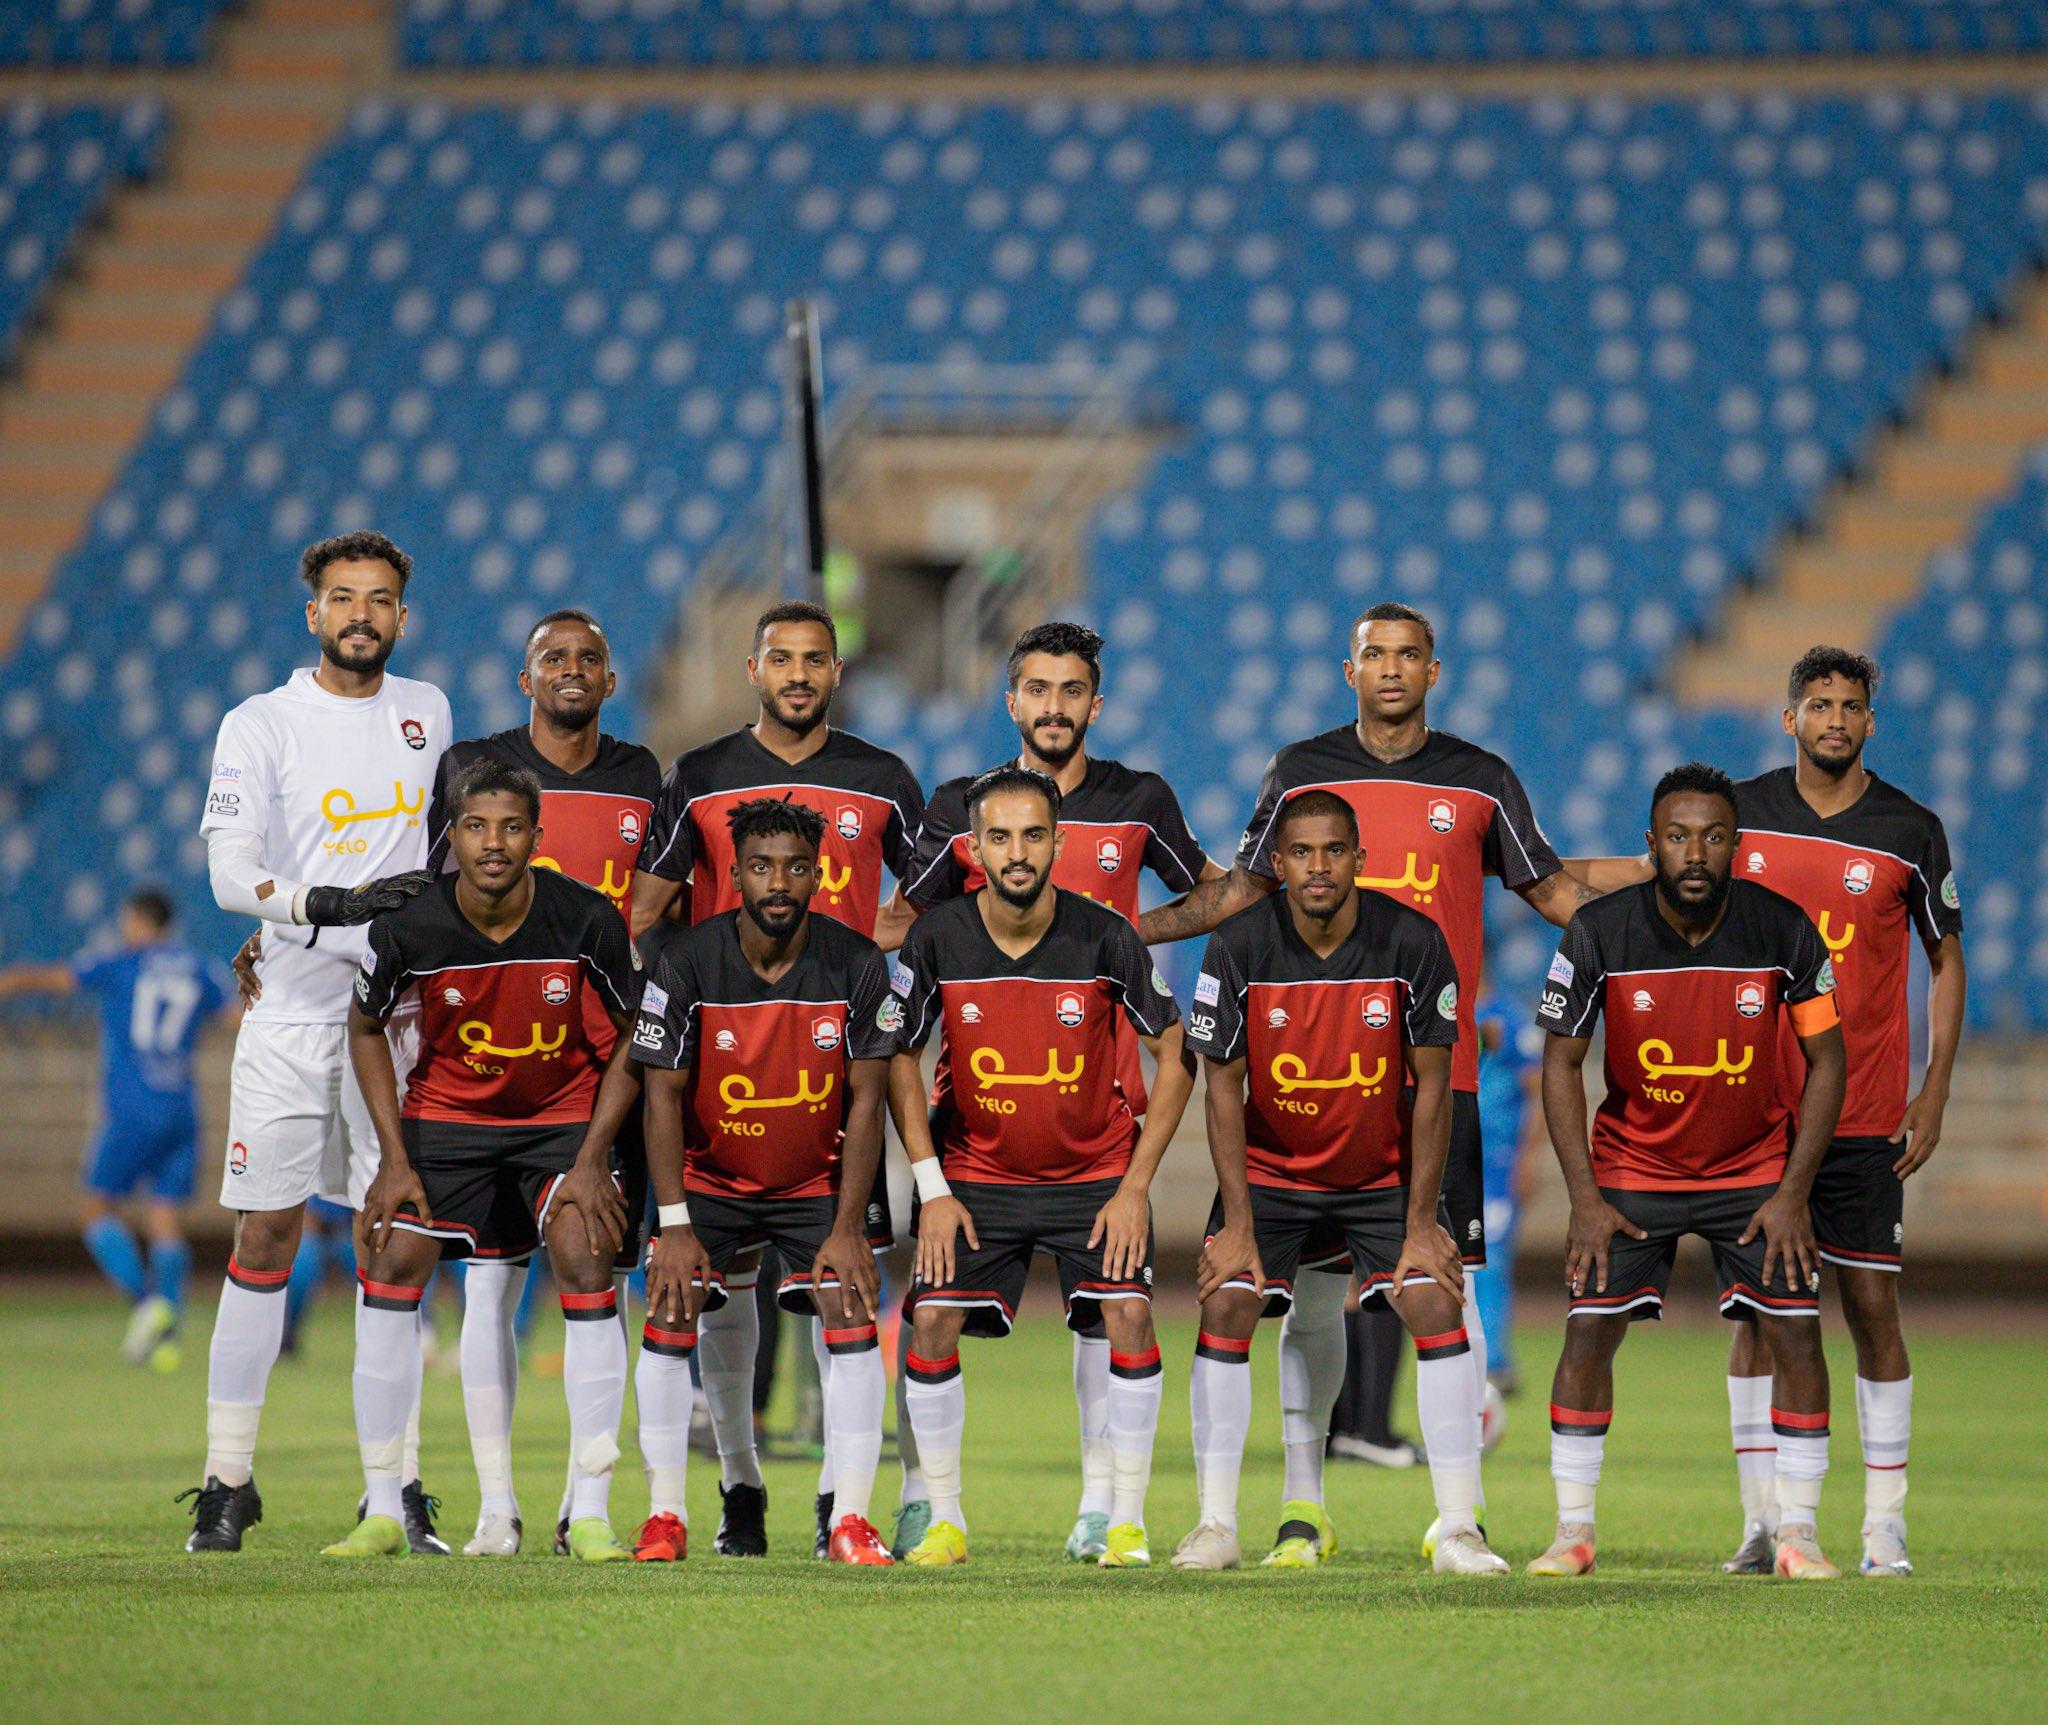 صورة جماعية الفريق الاول